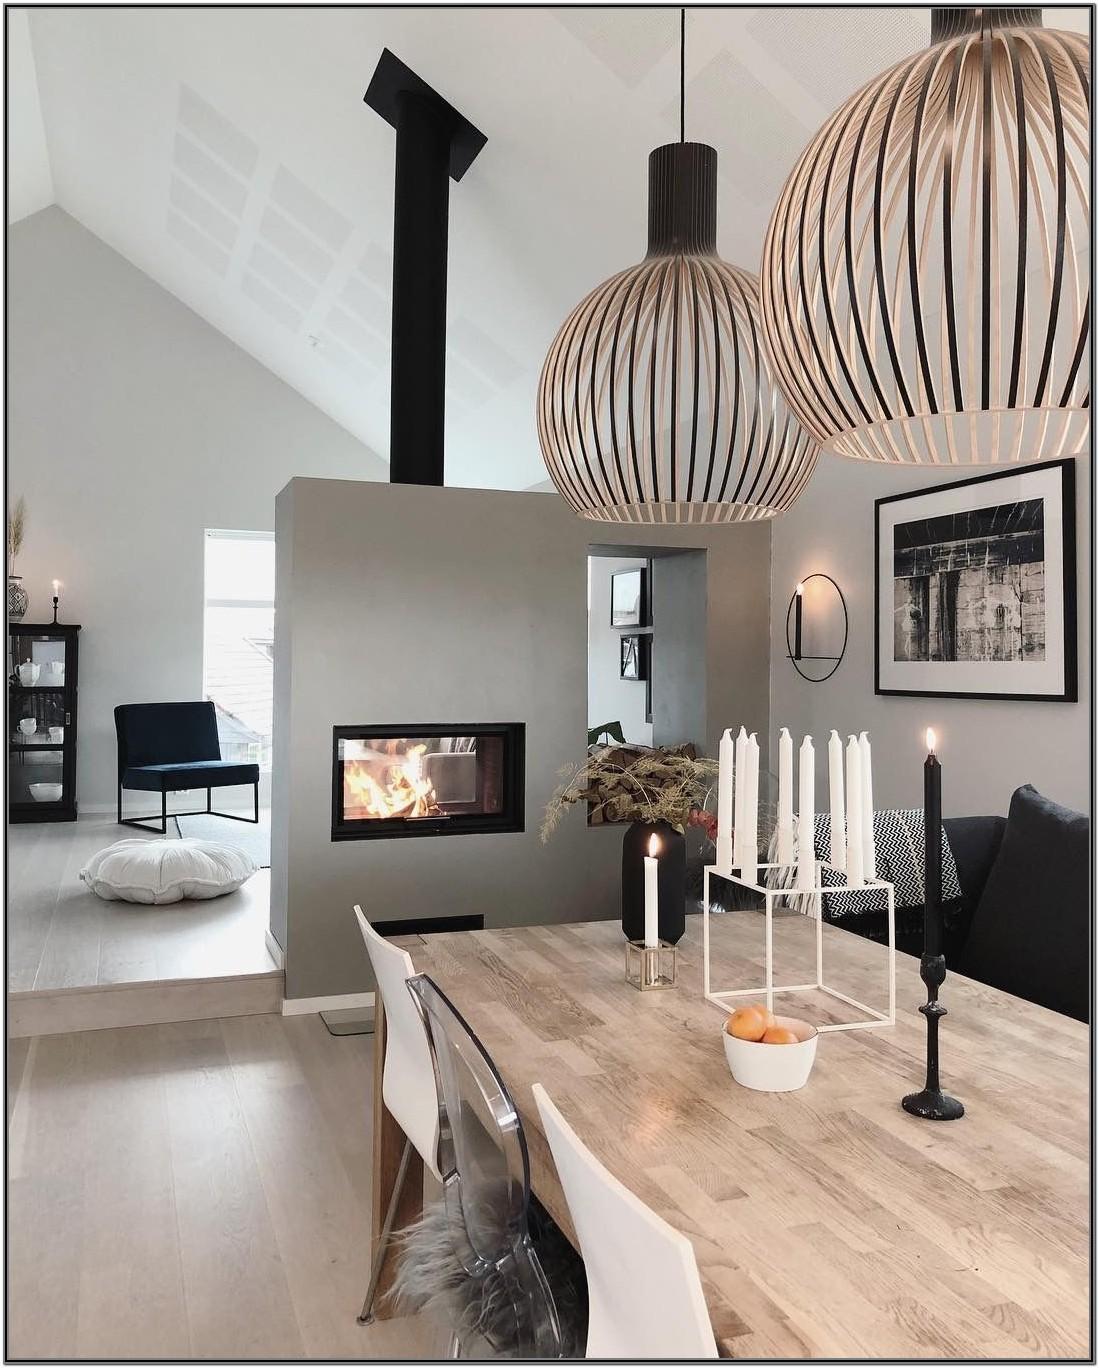 Interior Design Living Room Paint Ideas 2020